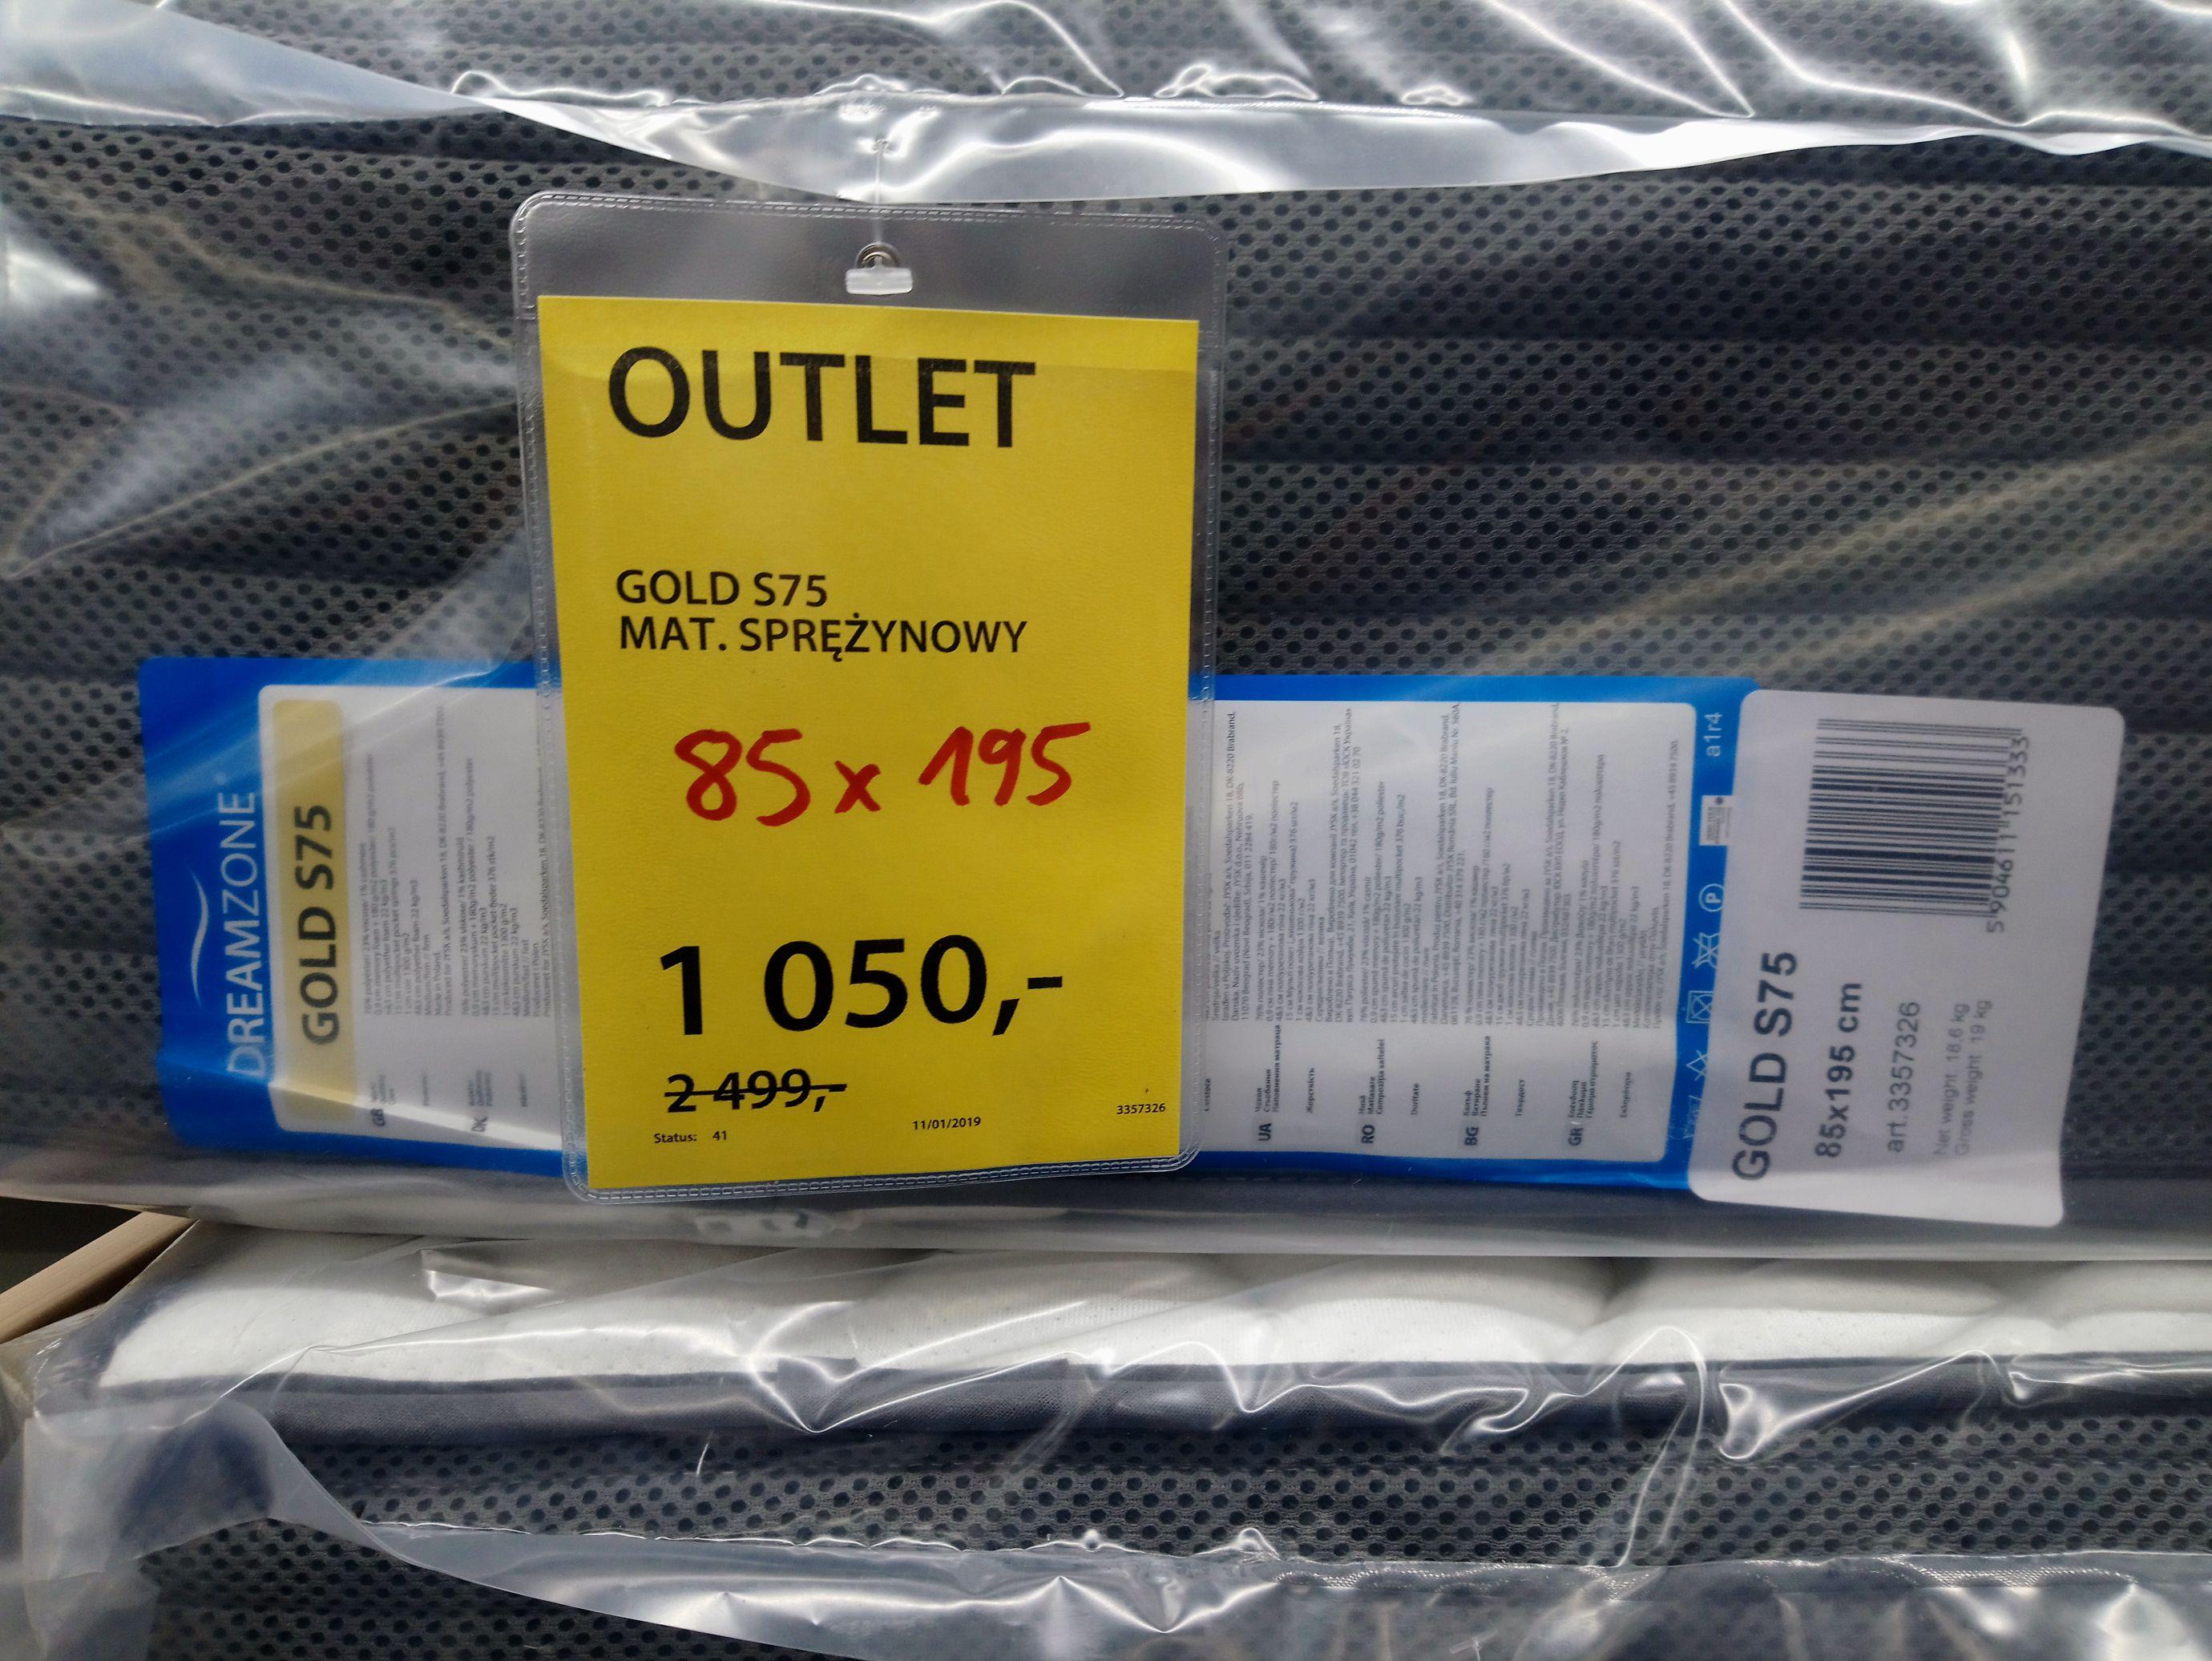 Outlet materac sprężynowy GOLD S75 85X195